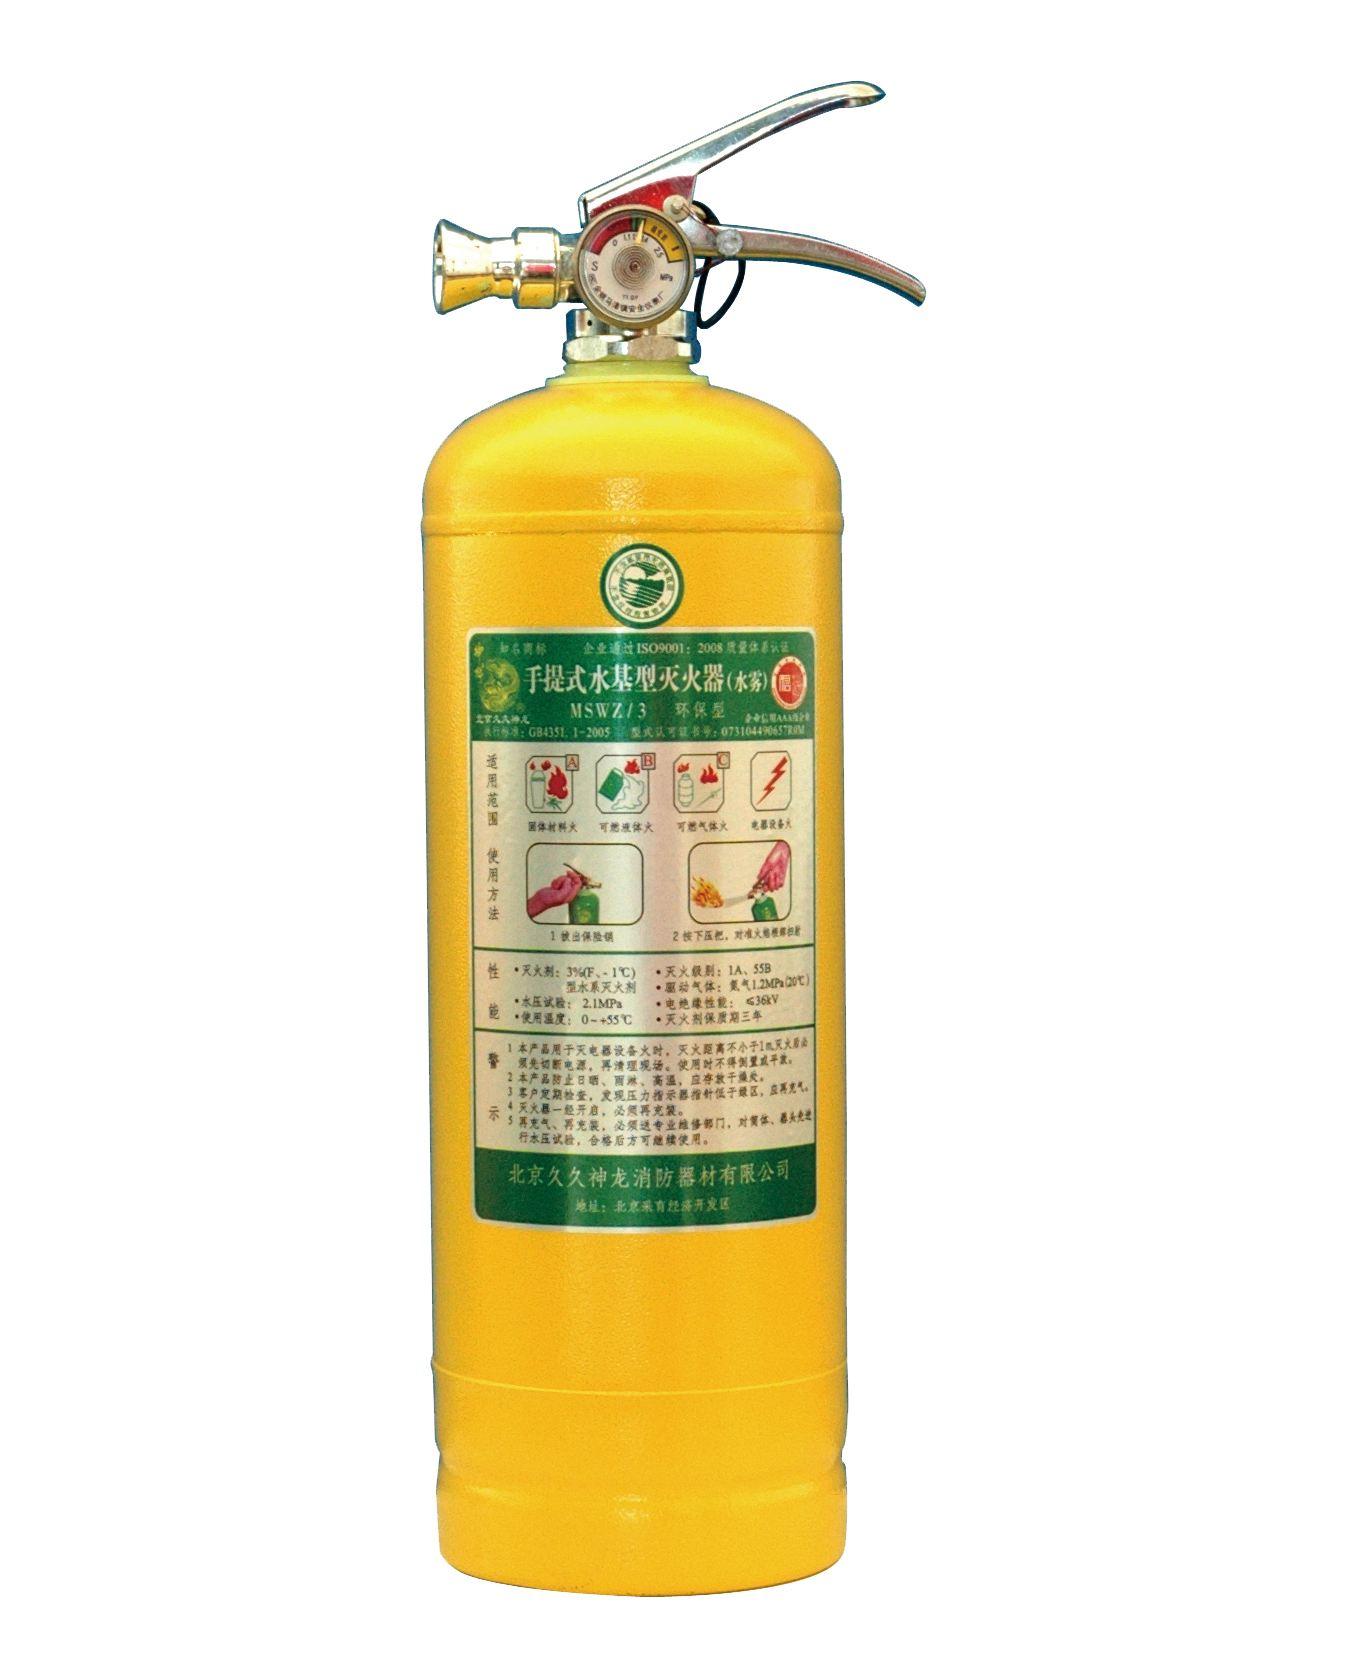 黄色瓶身的水基灭火器